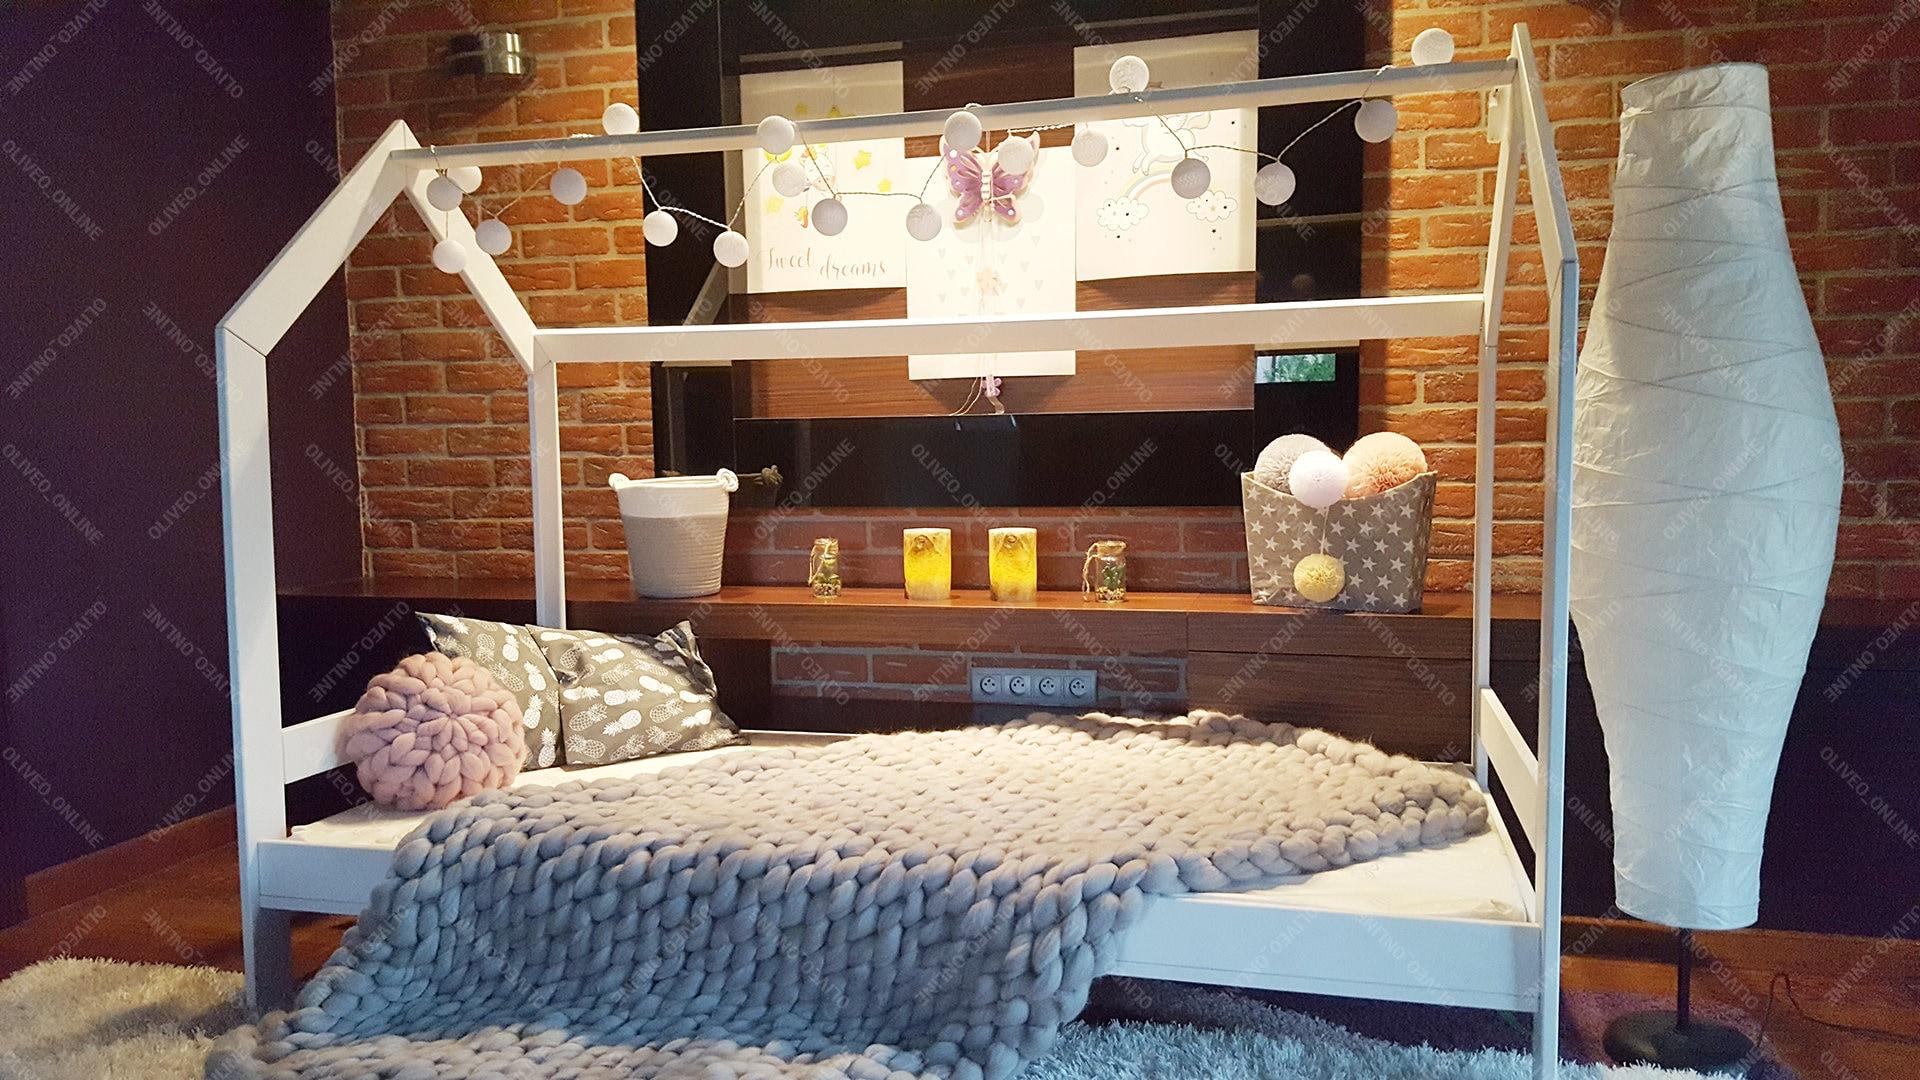 Haus-Bett Bett Kinder Haus Bett für Kinder Kinderbett Haus   Etsy